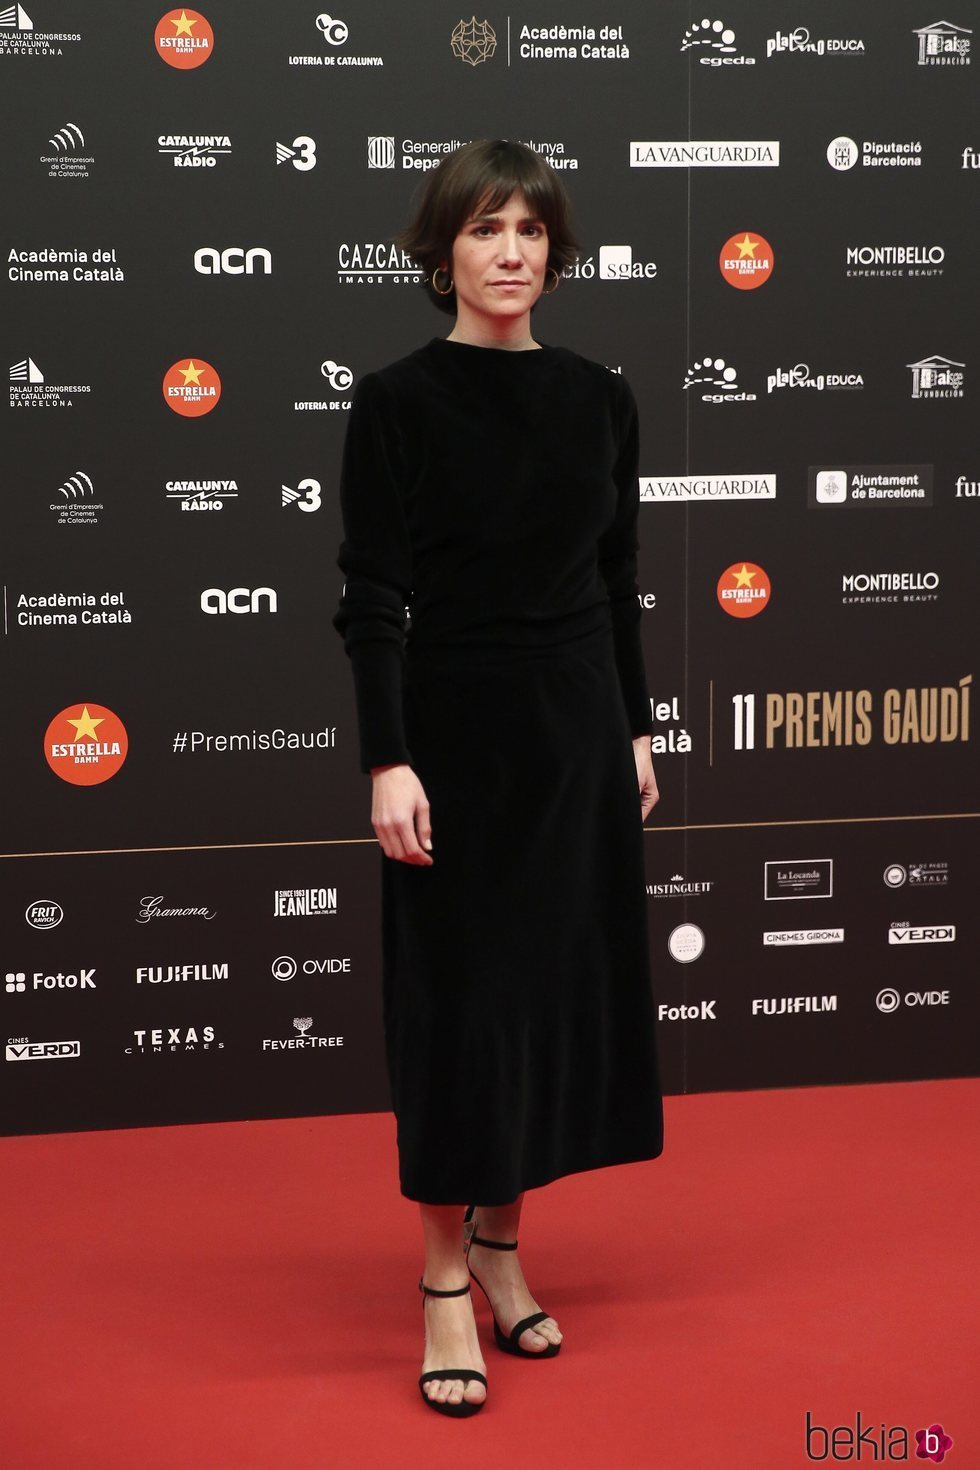 Bruna Cusi Echaniz en los Premios Gaudí 2019